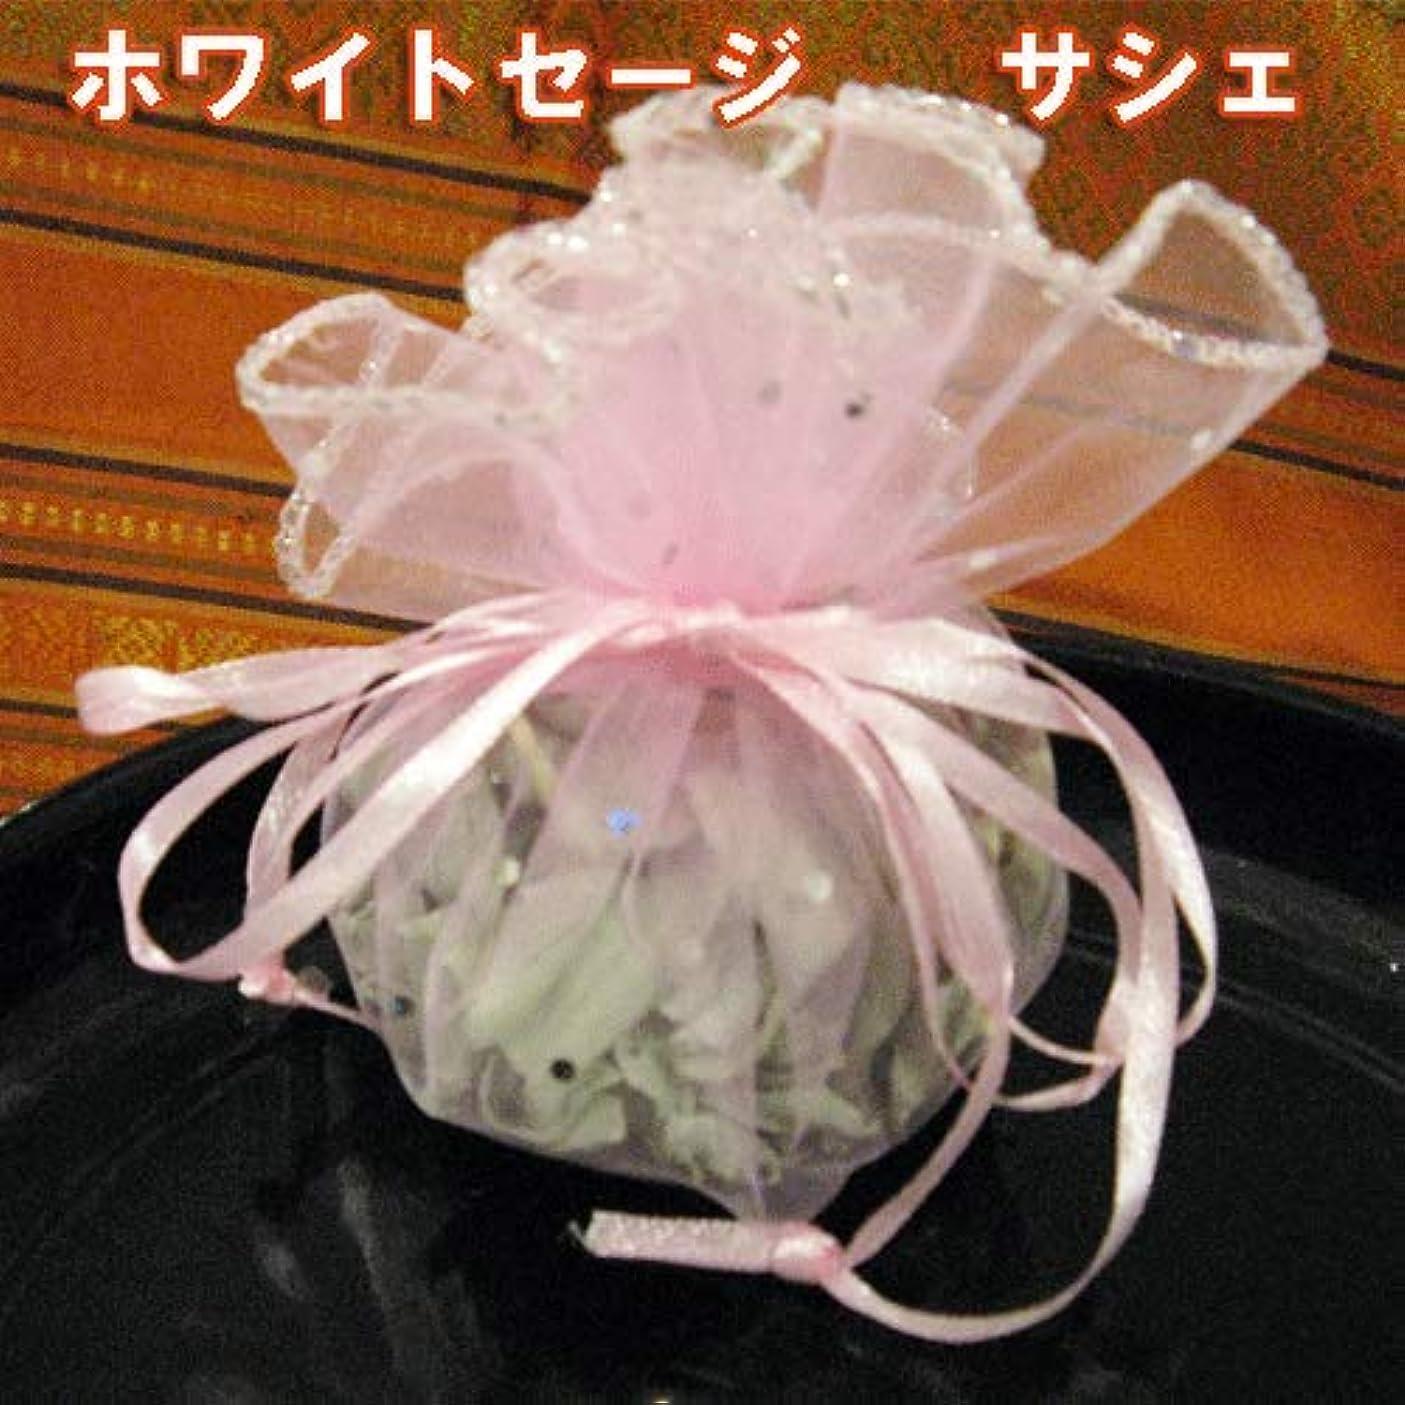 ゴールドピニオンケーキホワイトセージ サシェ オーガンジー袋入り 約10g